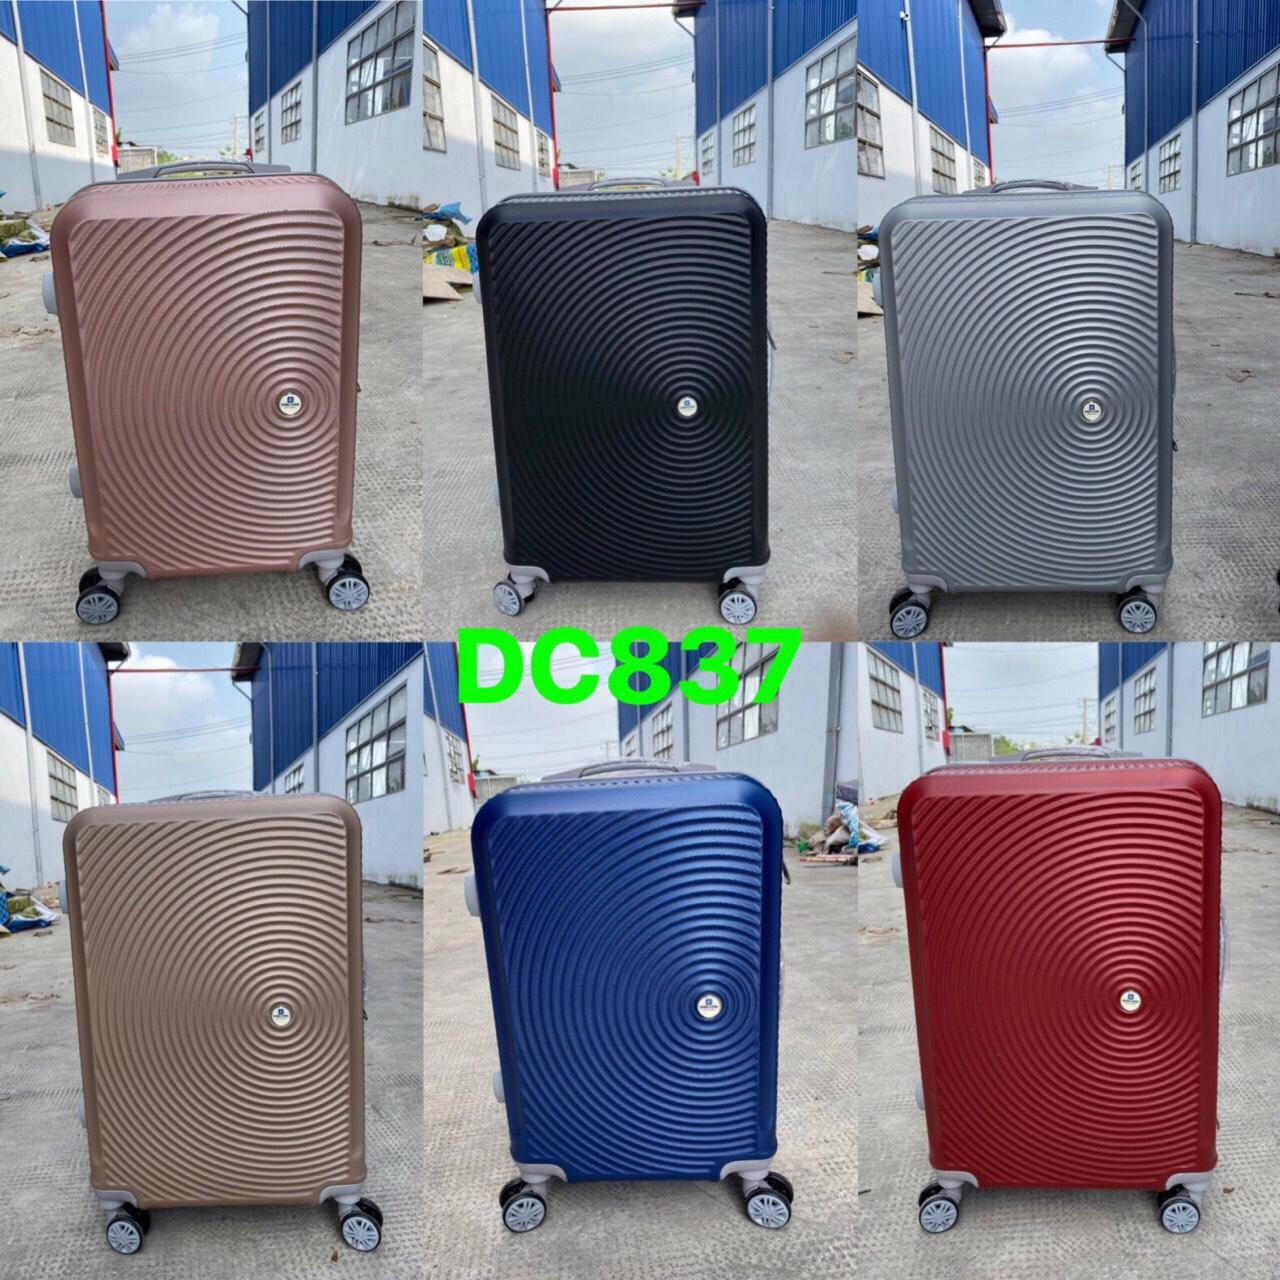 vali nhựa giá rẻ (837) 24 inch  vali sỉ toàn quốc giá rẻ.